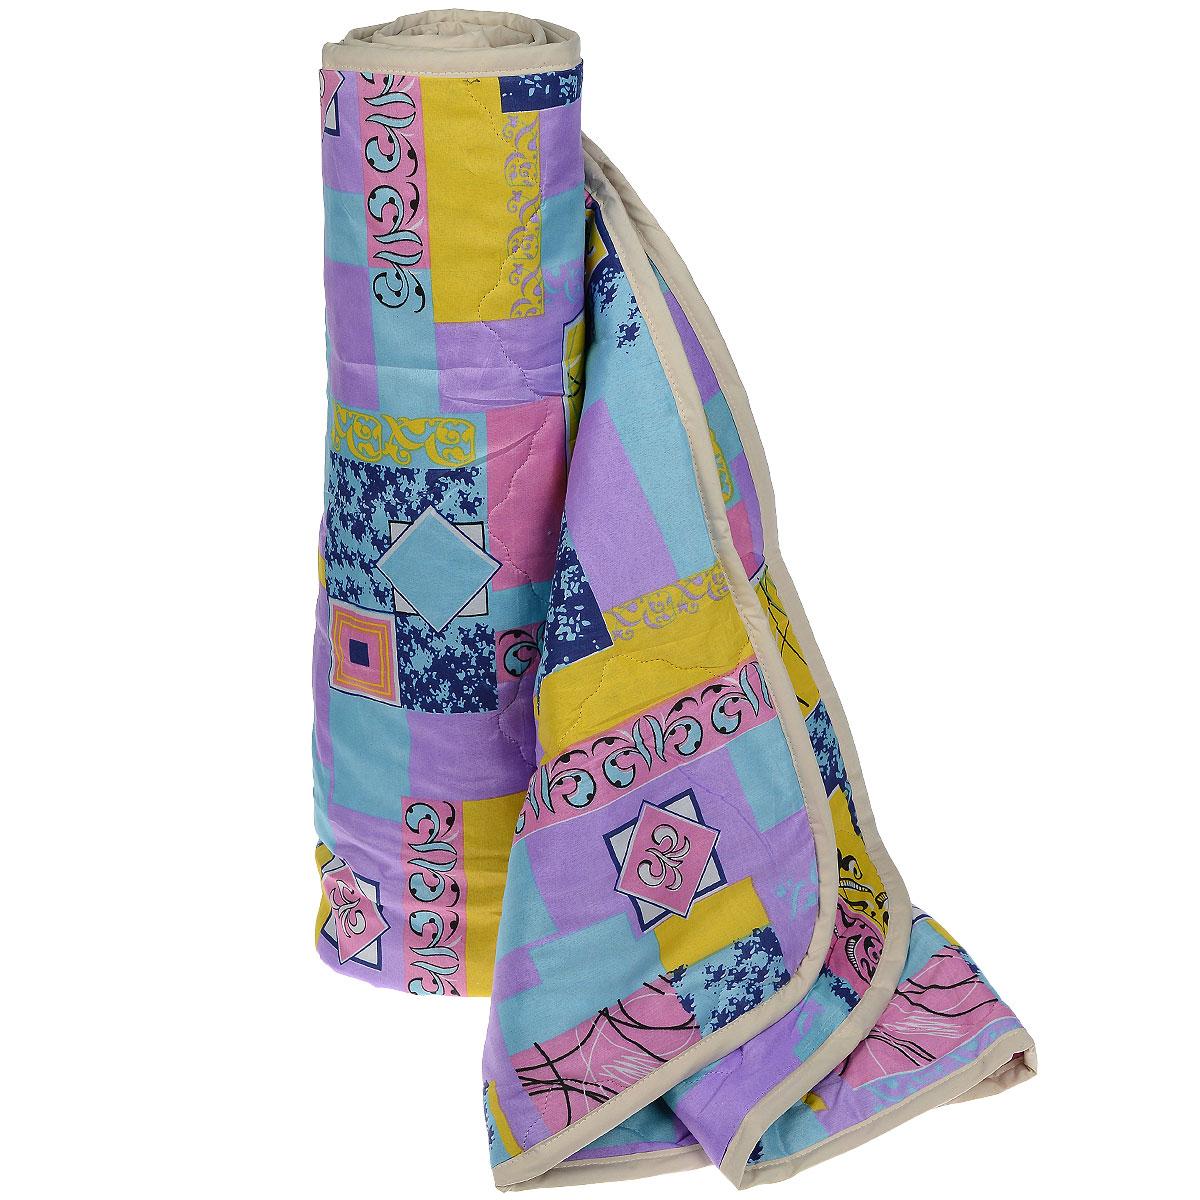 Одеяло всесезонное OL-Tex Miotex, наполнитель: полиэфирное волокно Holfiteks, 140 х 205 см МХПЭ-15-3МХПЭ-15-3Всесезонное одеяло OL-Tex Miotex создаст комфорт и уют во время сна. Стеганый чехол выполнен из полиэстераи оформлен красочным рисунком. Внутри - современный наполнитель из полиэфирноговысокосиликонизированного волокна Holfiteks, упругий и качественный.Холфитекс - современный экологически чистый синтетический материал, изготовленный по новейшимтехнологиям. Его уникальность заключается в расположении волокон, которые позволяют моментальновосстанавливать форму и сохранять ее долгое время. Изделия с использованием Холфитекса очень удобны вэксплуатации - их можно часто стирать без потери потребительских свойств, они быстро высыхают, не впитываютзапахов и совершенно гиппоаллергенны. Холфитекс также обеспечивает хорошую терморегуляцию, поэтомуизделия с наполнителем из холфитекса очень комфортны в использовании.Одеяло с современным упругим наполнителем Холфитекс порадует вас в любое время года. Оно комфортносогревает и создает отличный микроклимат. За одеялом легко ухаживать, можно стирать в стиральной машинке.Рекомендации по уходу: - Ручная и машинная стирка при температуре 30°С. - Не гладить. - Не отбеливать.- Нельзя отжимать и сушить в стиральной машине. - Сушить вертикально.Размер одеяла: 140 см х 205 см.Материал чехла: 100% полиэстер.Материал наполнителя: полиэфирное высокосиликонизированное волокно Holfiteks.Плотность наполнителя: 300 г/м2. Уважаемые клиенты!Обращаем ваше внимание на цветовой ассортимент товара. Поставка осуществляется в зависимости от наличияна складе.